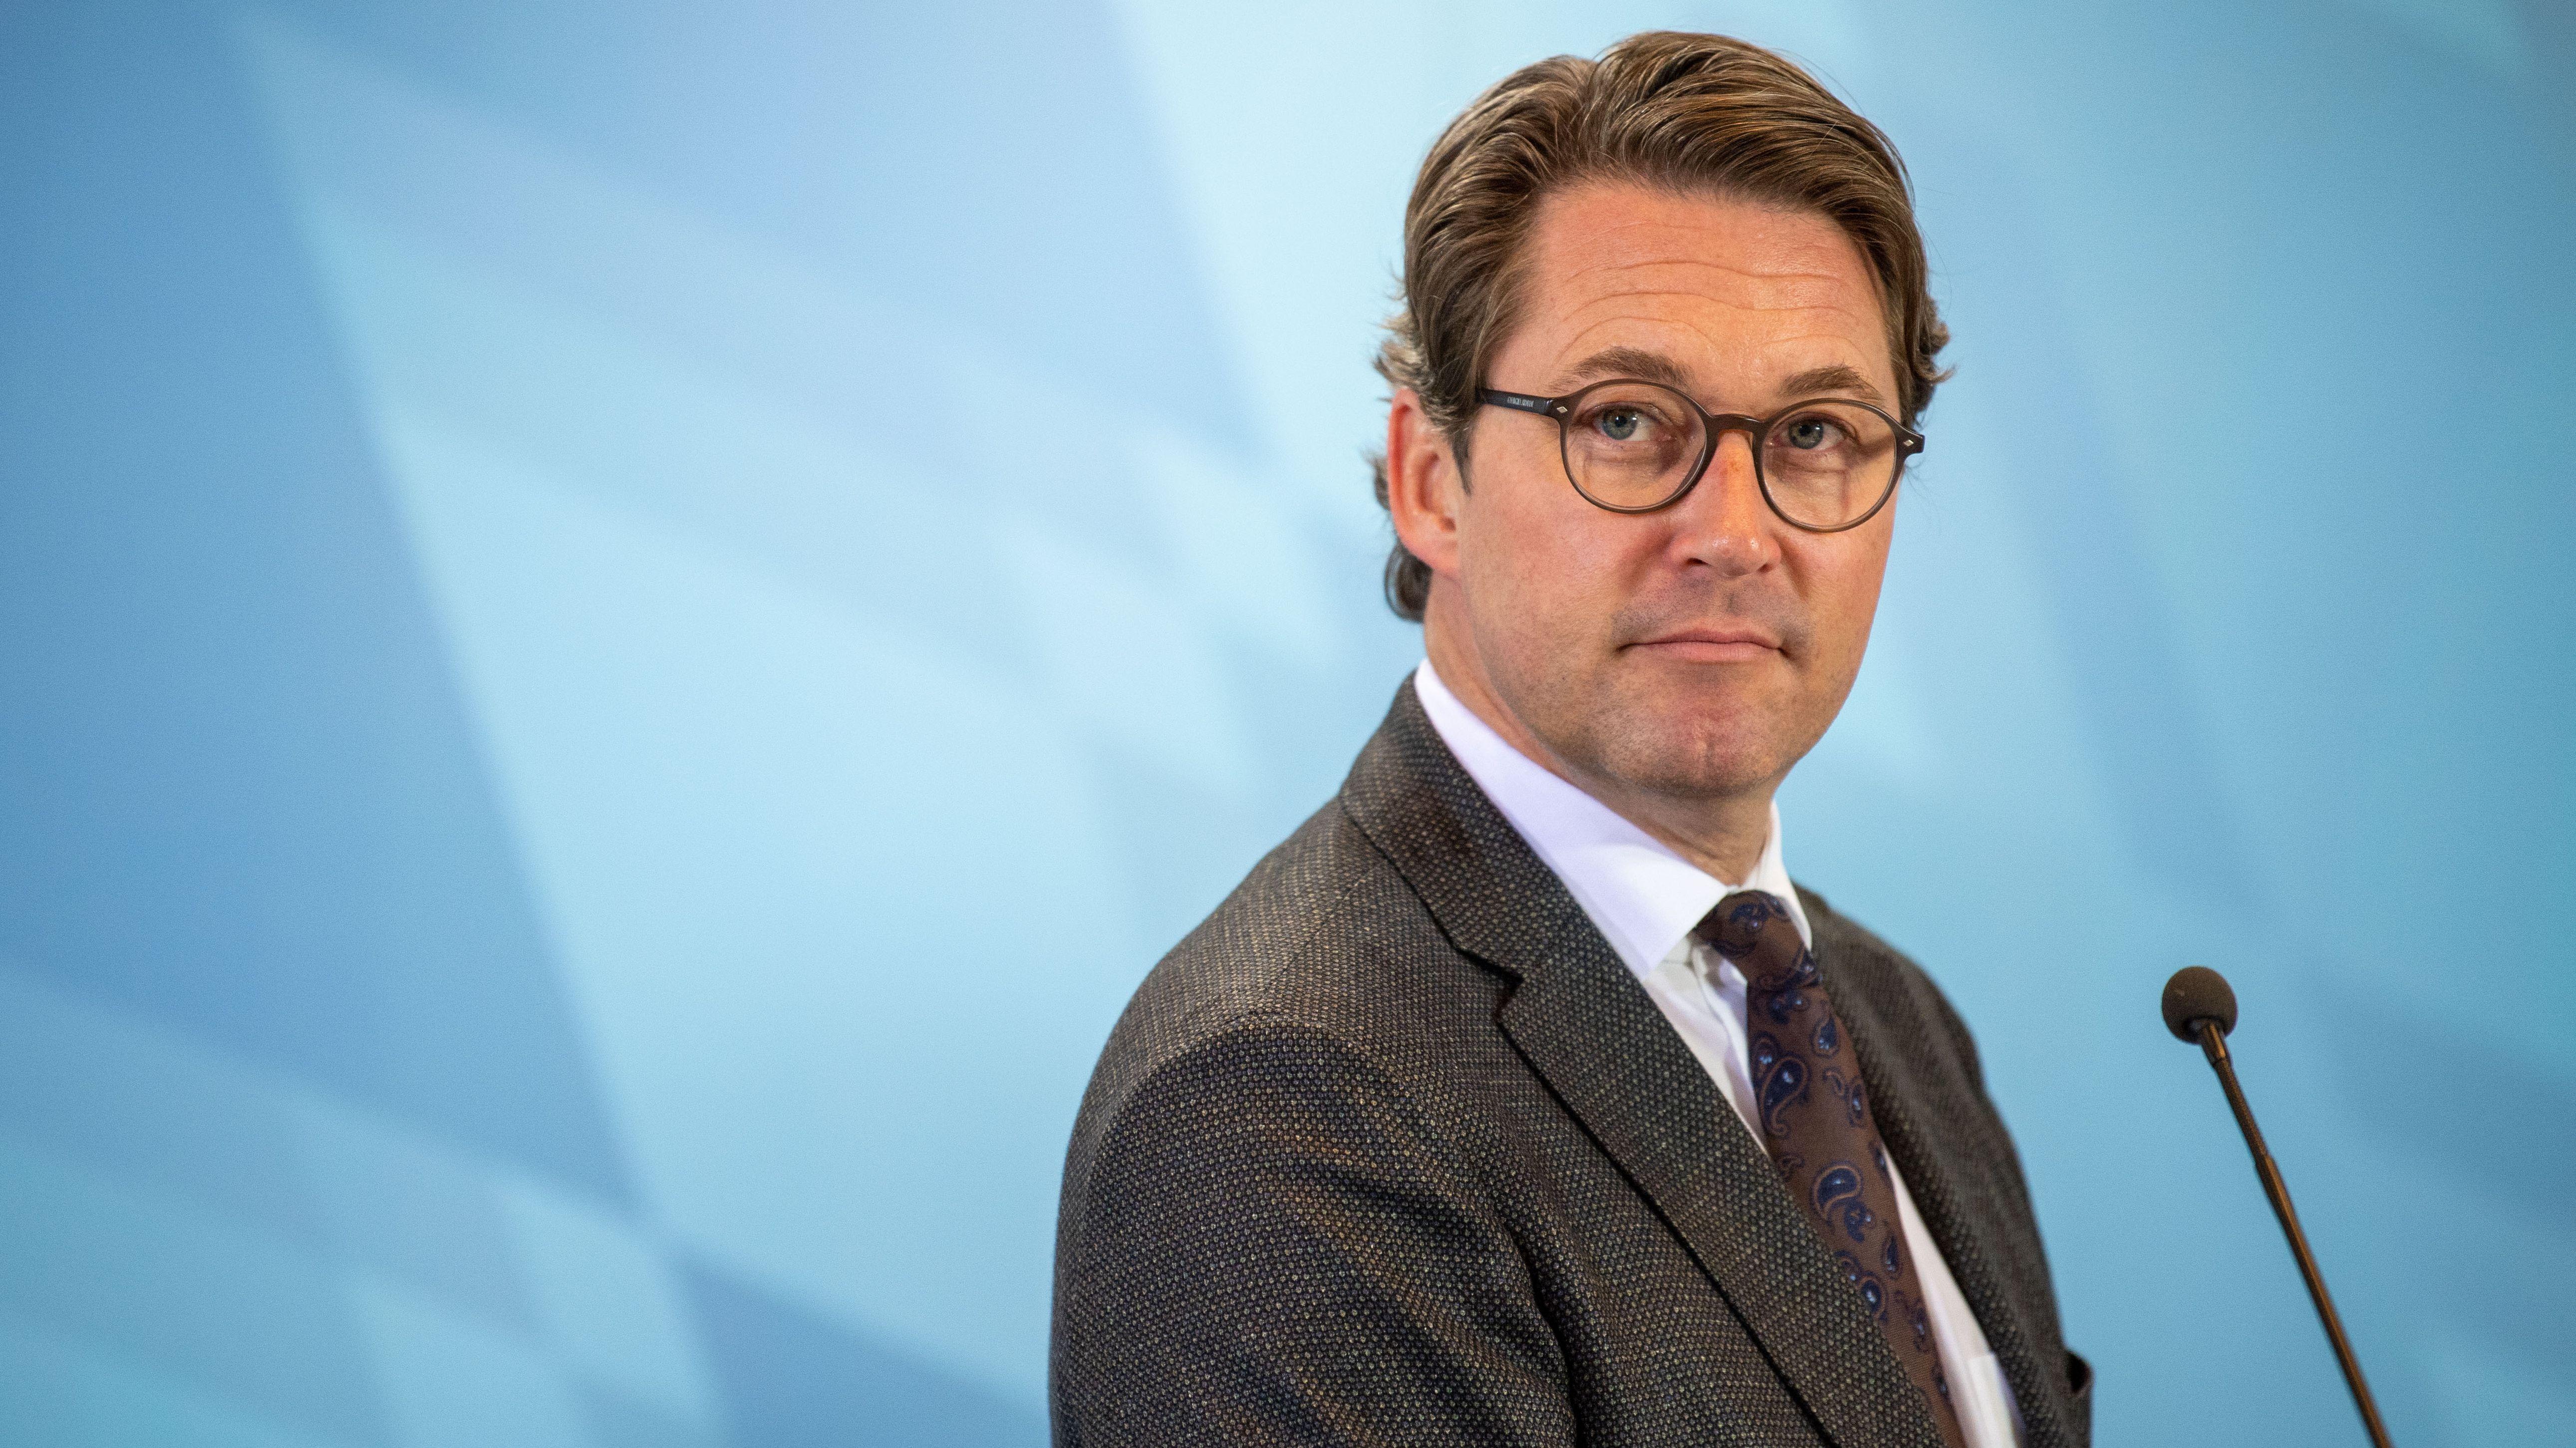 Andreas Scheuer vor einem blauen Hintergrund.